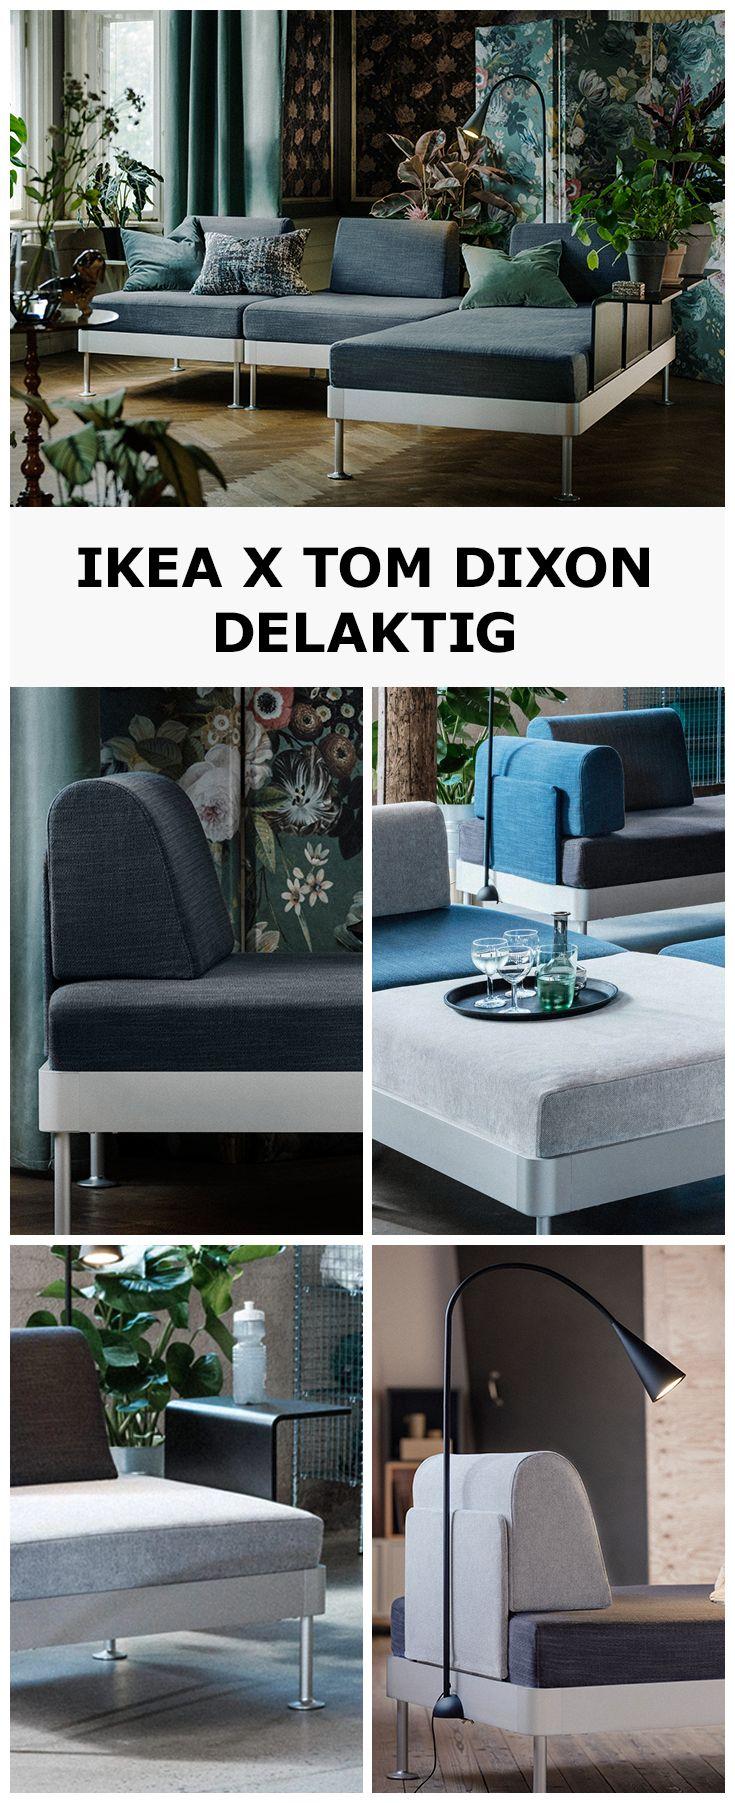 110 Best Ikea Images In 2019 Ikea Ikea Co Cloths